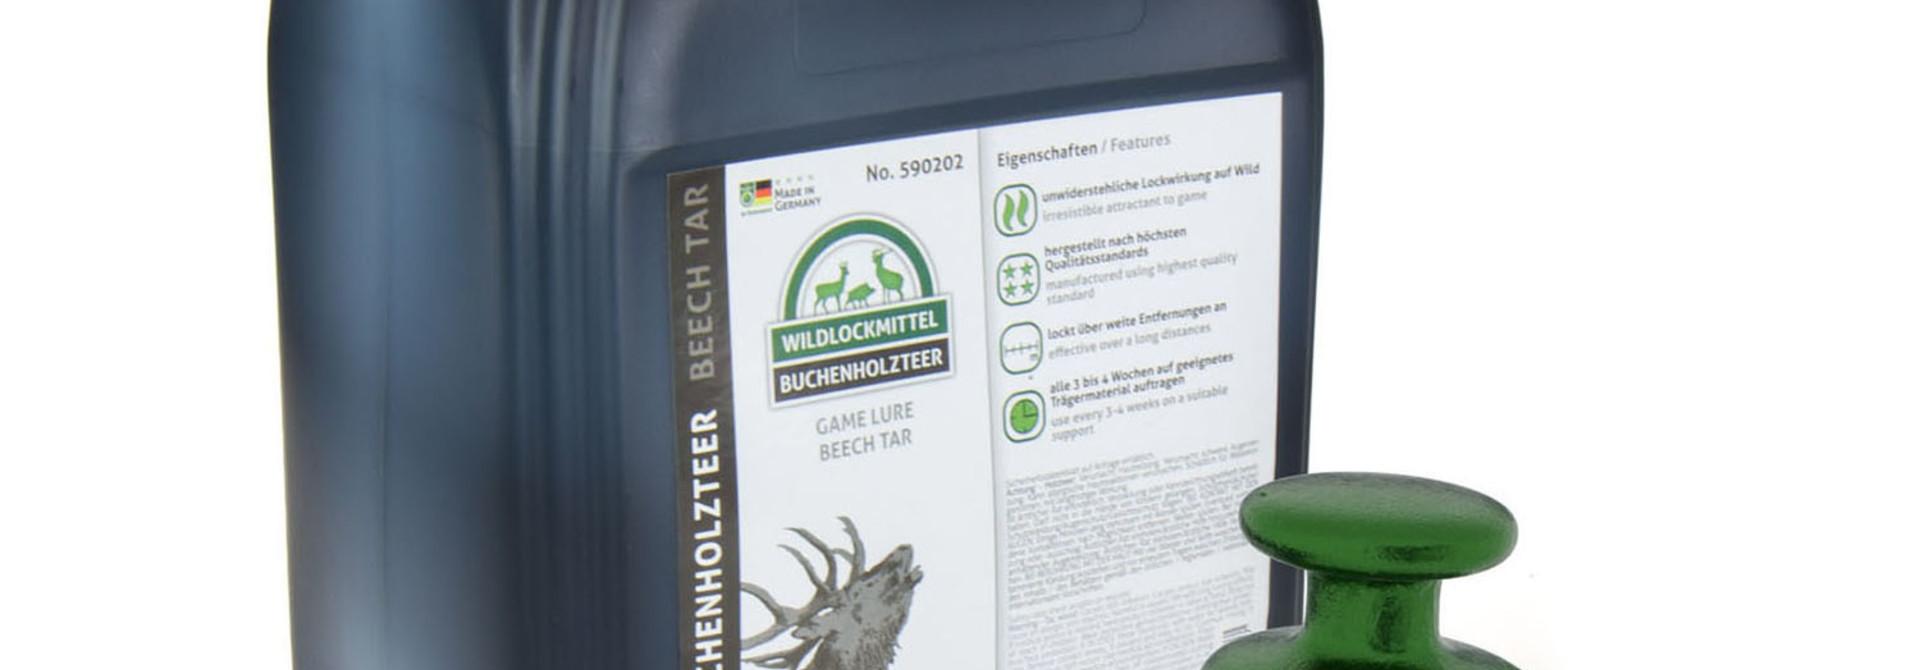 Eurohunt Buchenholzteer 5.0 ltr./ 6 kg